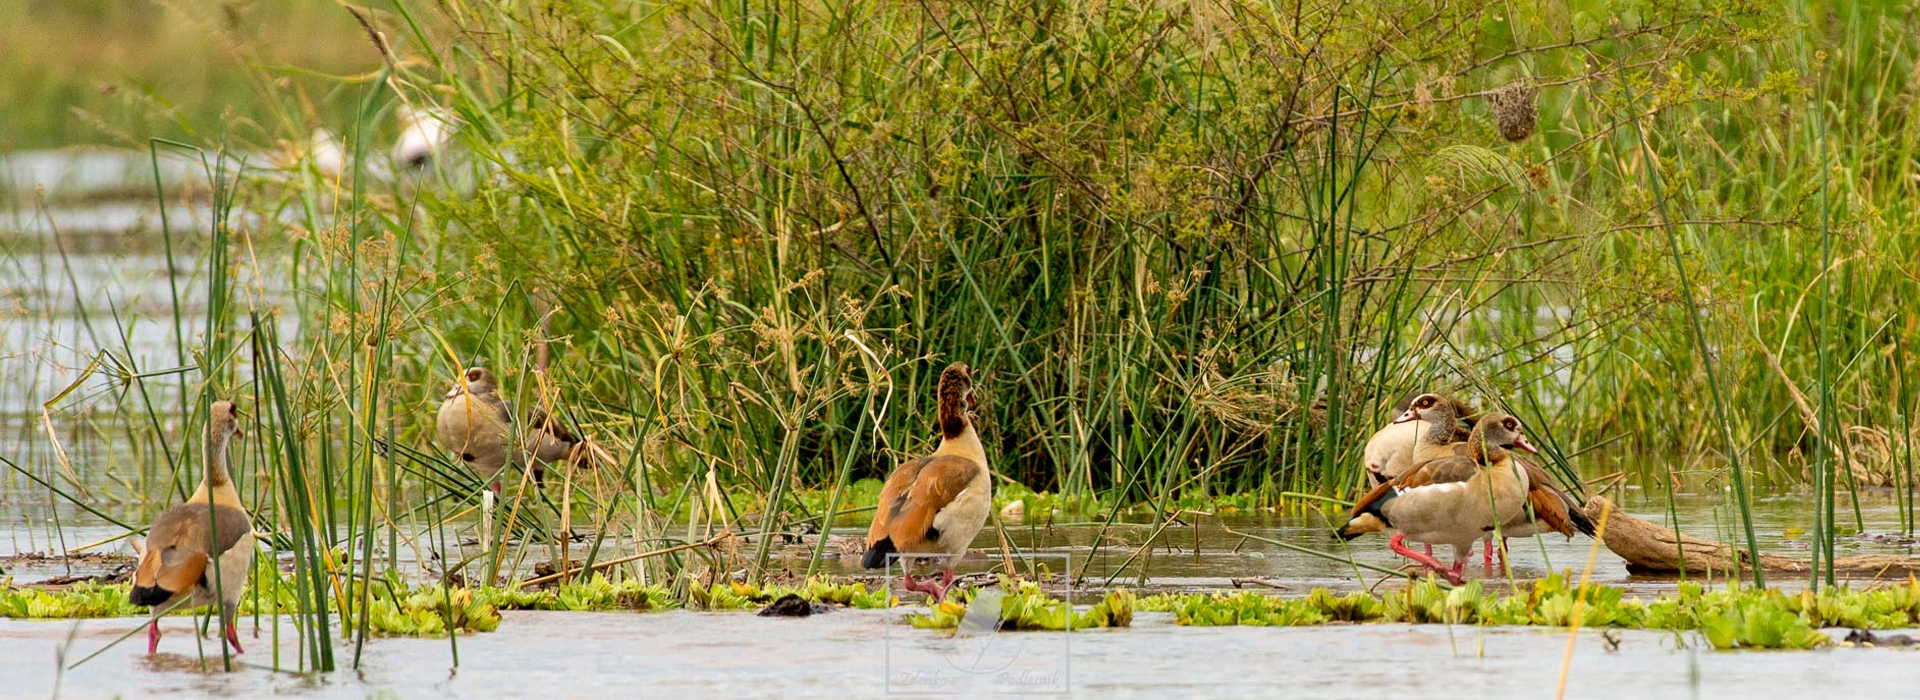 8 Days Ethiopia Bird Watching